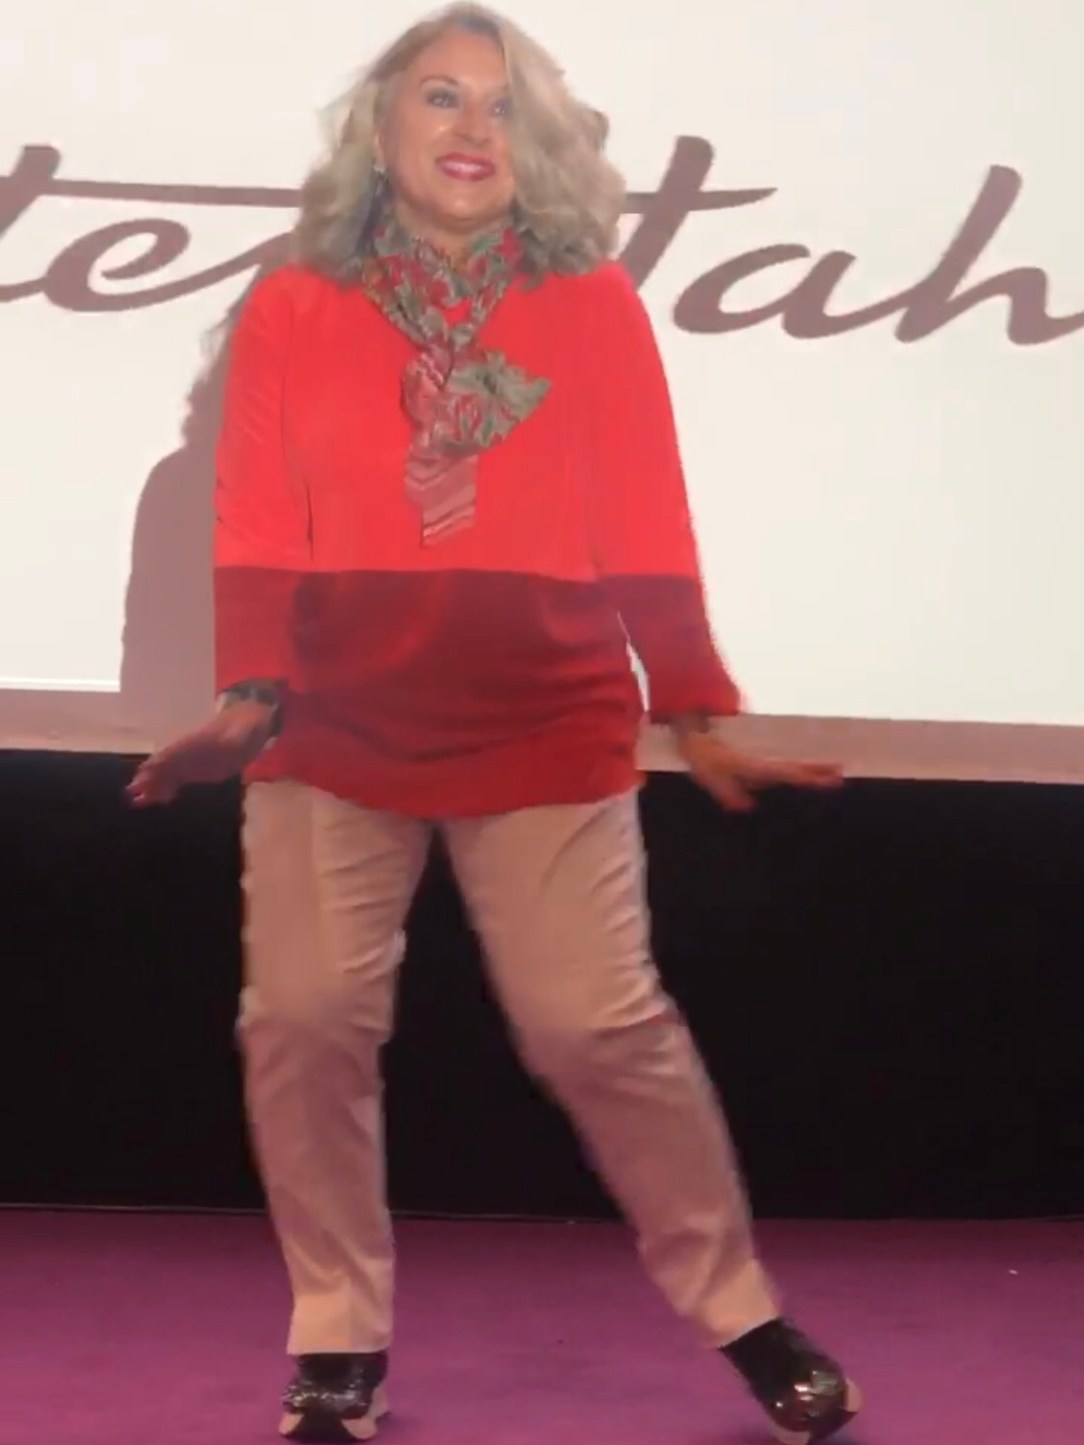 être mannequin à 50 ans, themouse, Peter Hahn, plaisir des yeux, 50 ans, catwalk, video, voyage, antiage, quinqua, Youtube, etatsdespritduvendredi, radio france bleu, silver, travel, les états d'esprit du vendredi, mannequin d'un jour, Mode, paris, mannequin senior, Fashion, quadra, chronique, beautytube, eev, paris, visite de Paris